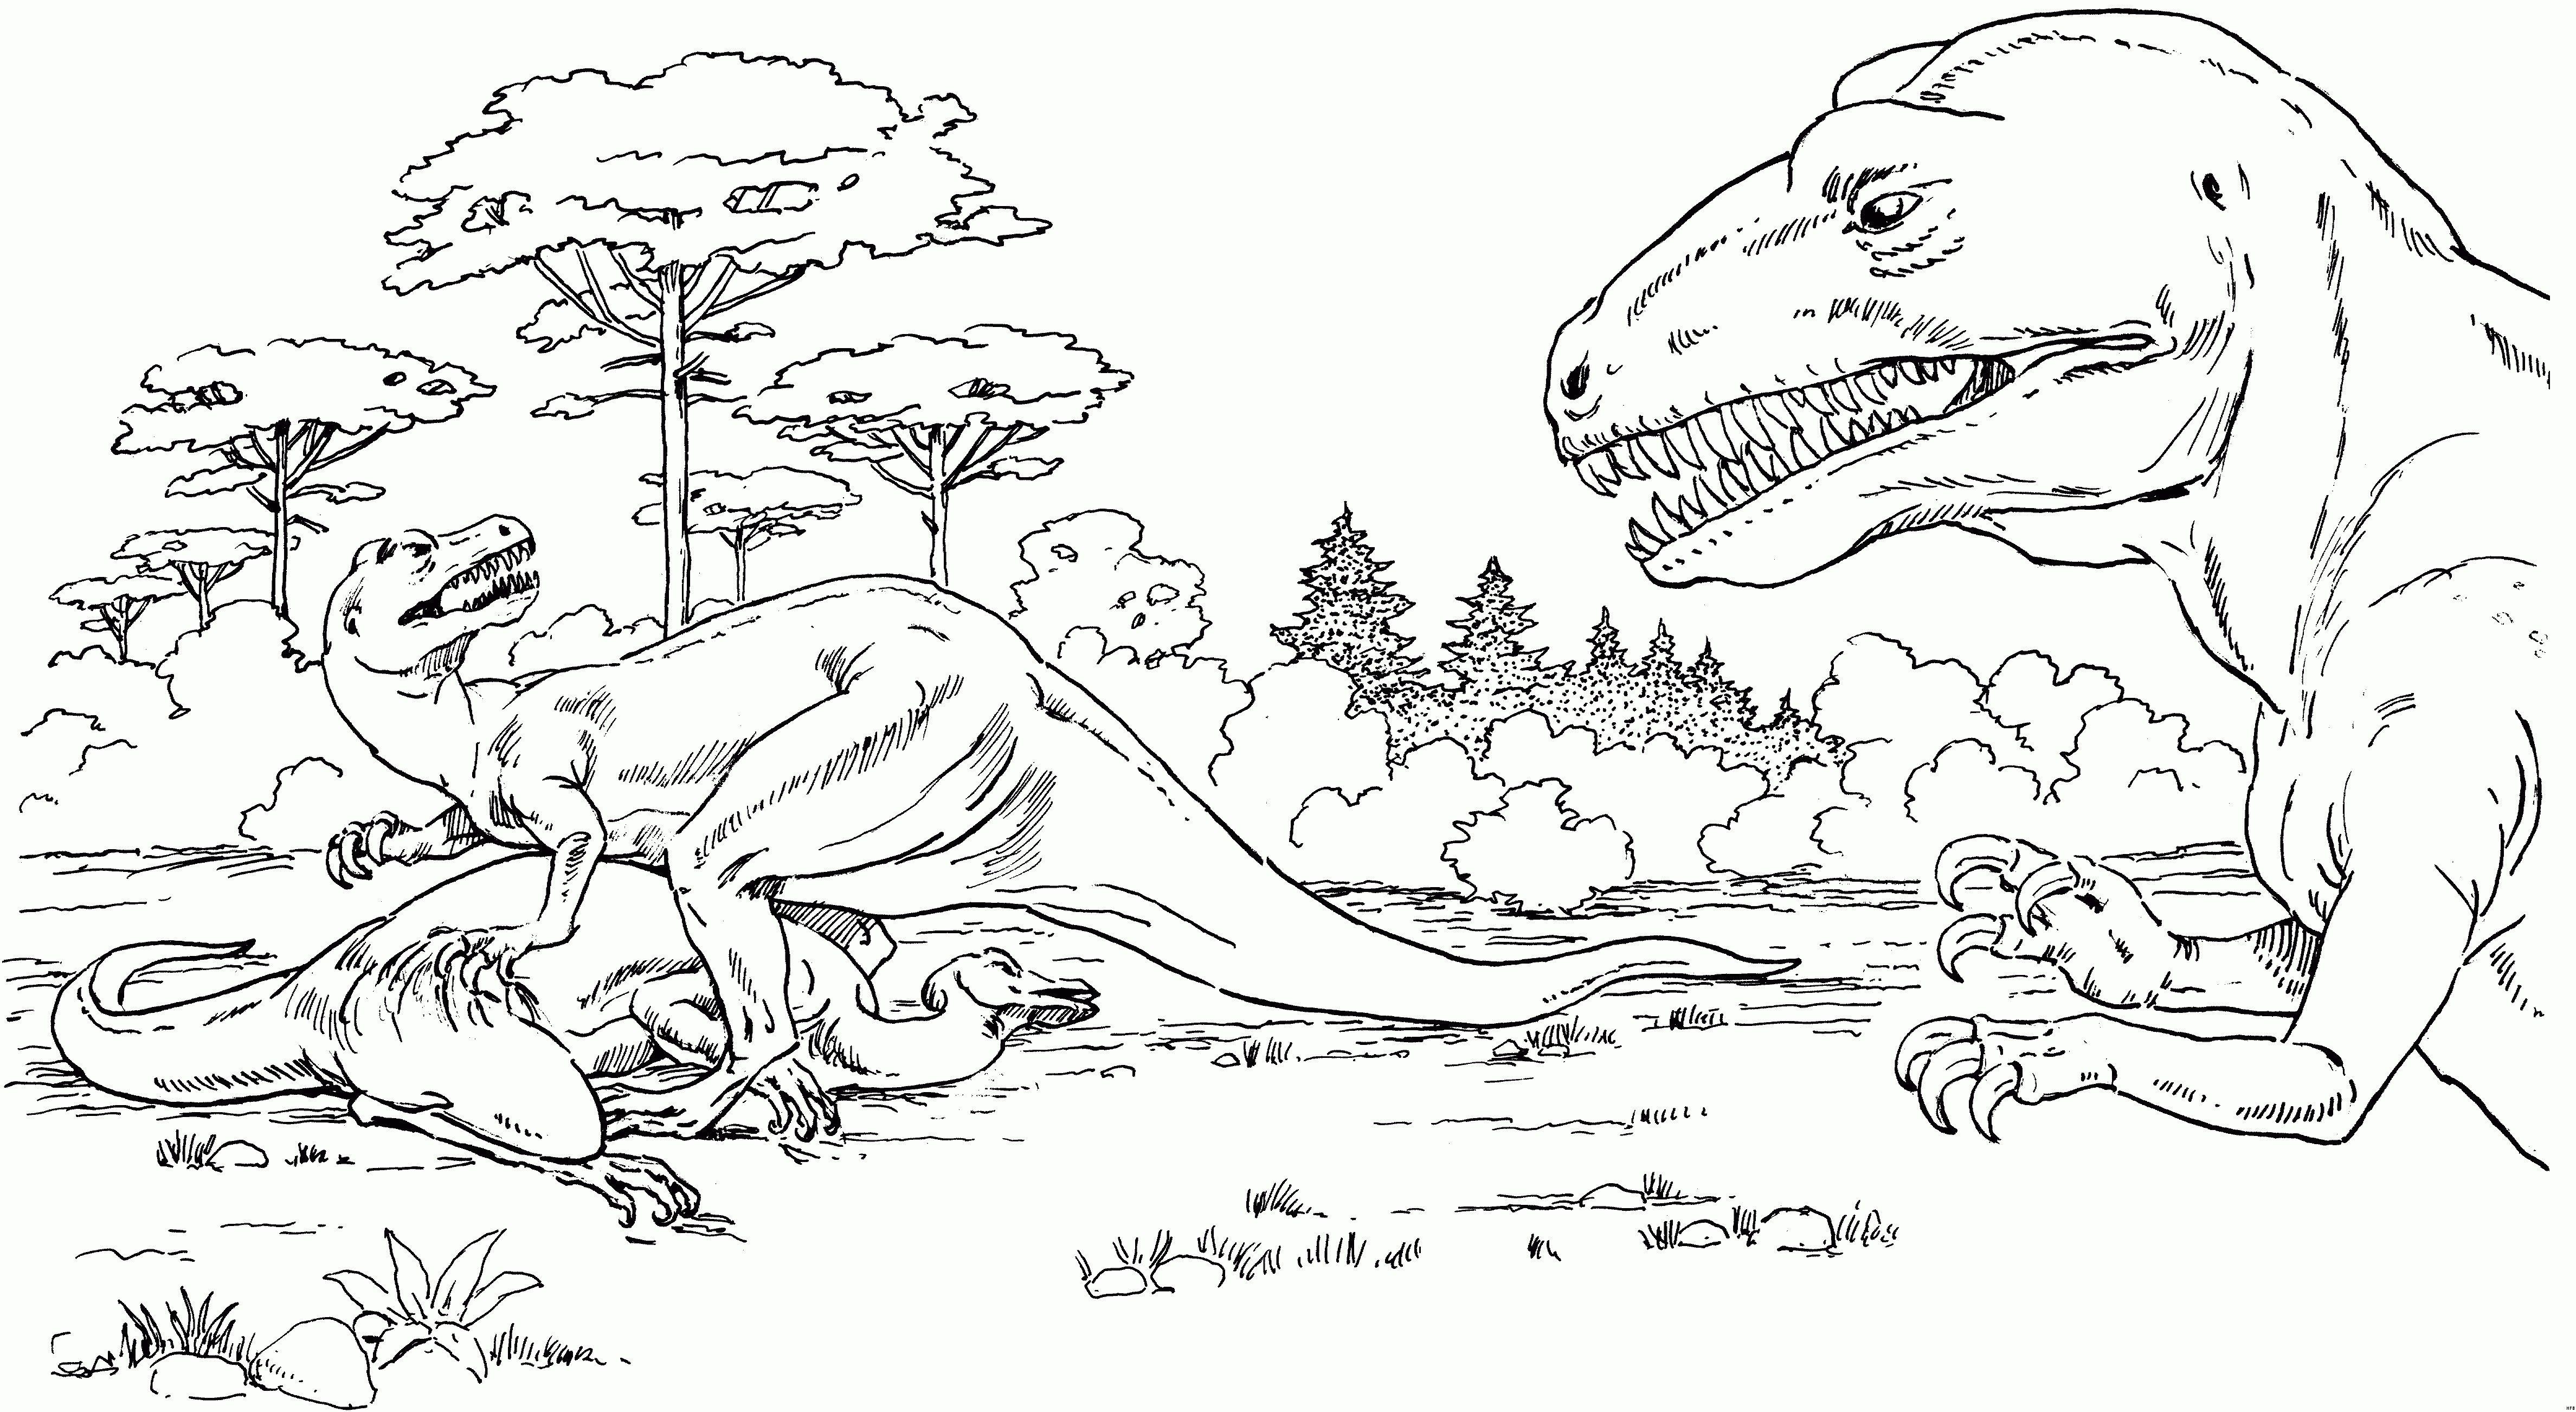 Frisch Ausmalbild T Rex Farbung Malvorlagen Malvorlagenfurkinder Malvorlage Dinosaurier Malvorlagen Kinder Dinosaurier